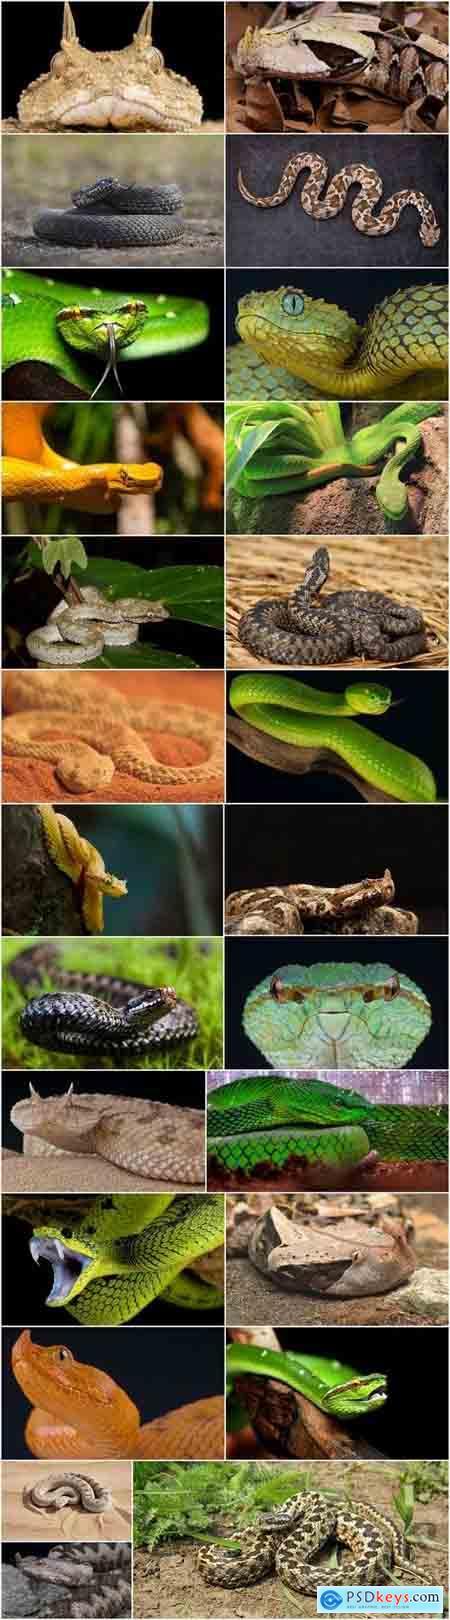 Viper snake reptile 25 HQ Jpeg